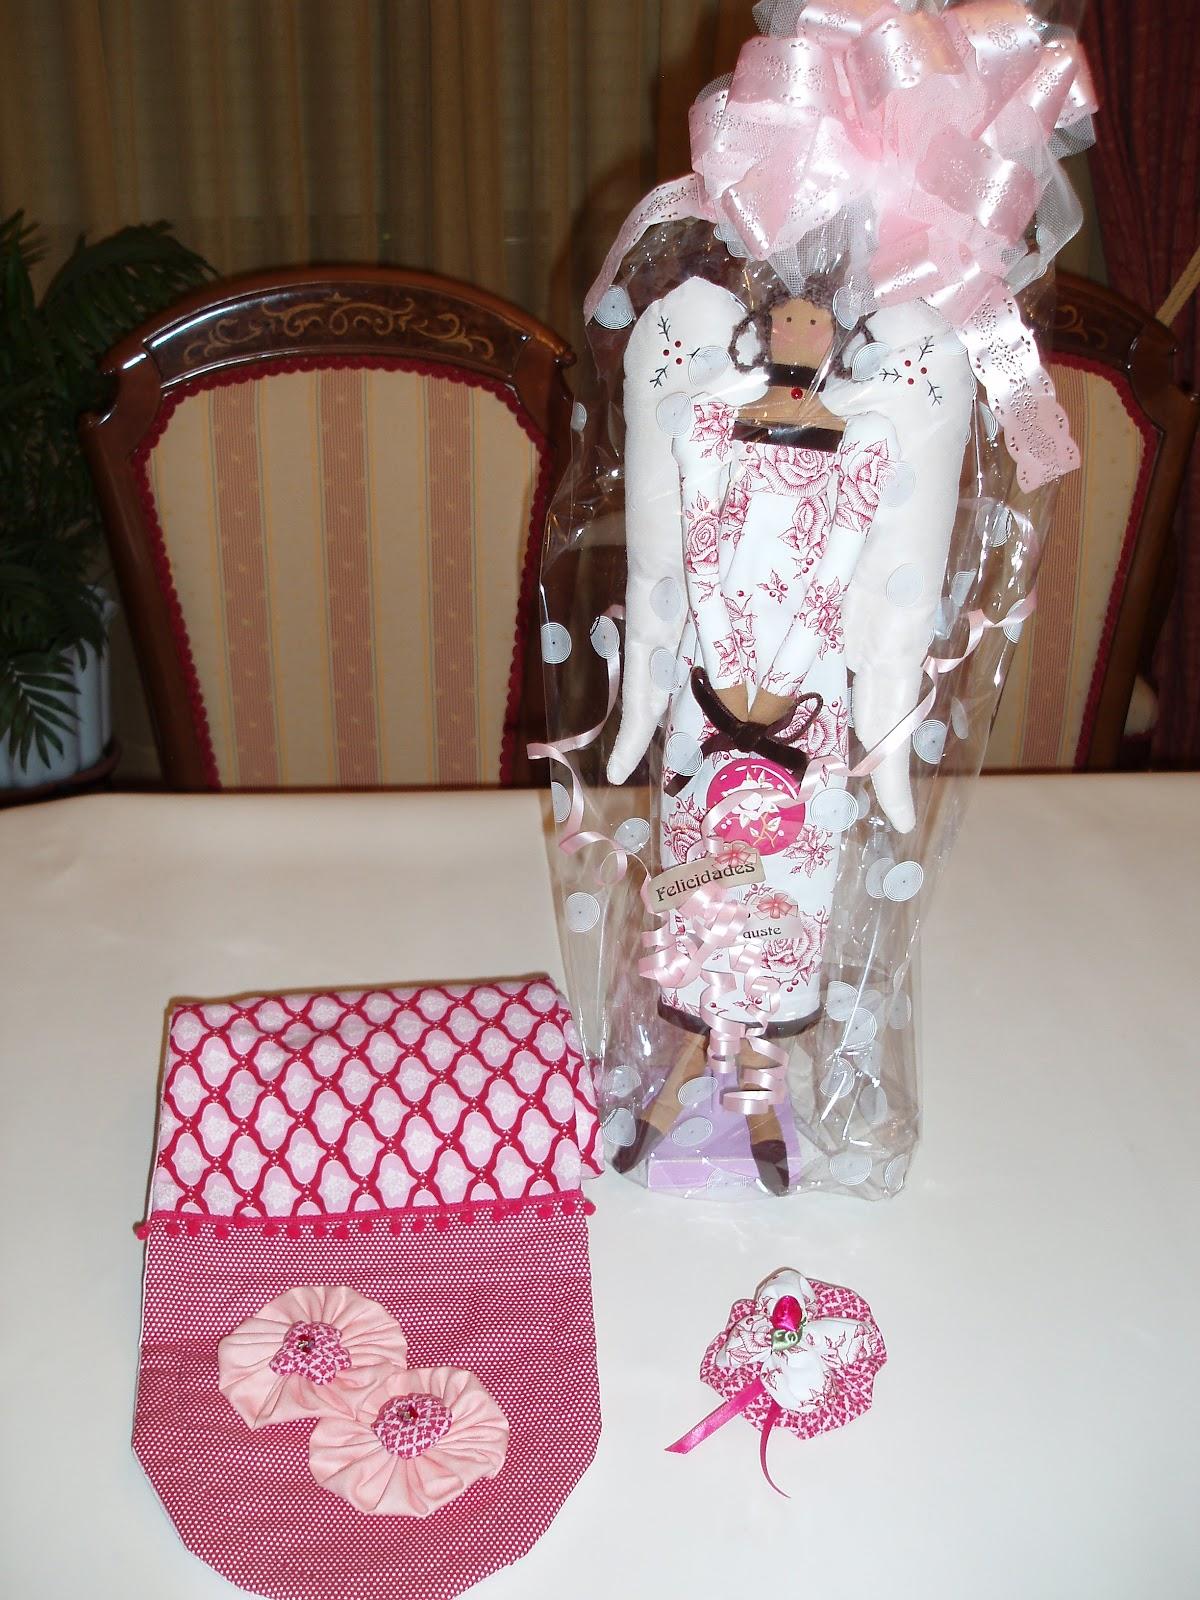 Las labores de evahada regalos para mi madre - Un buen regalo para mi madre ...